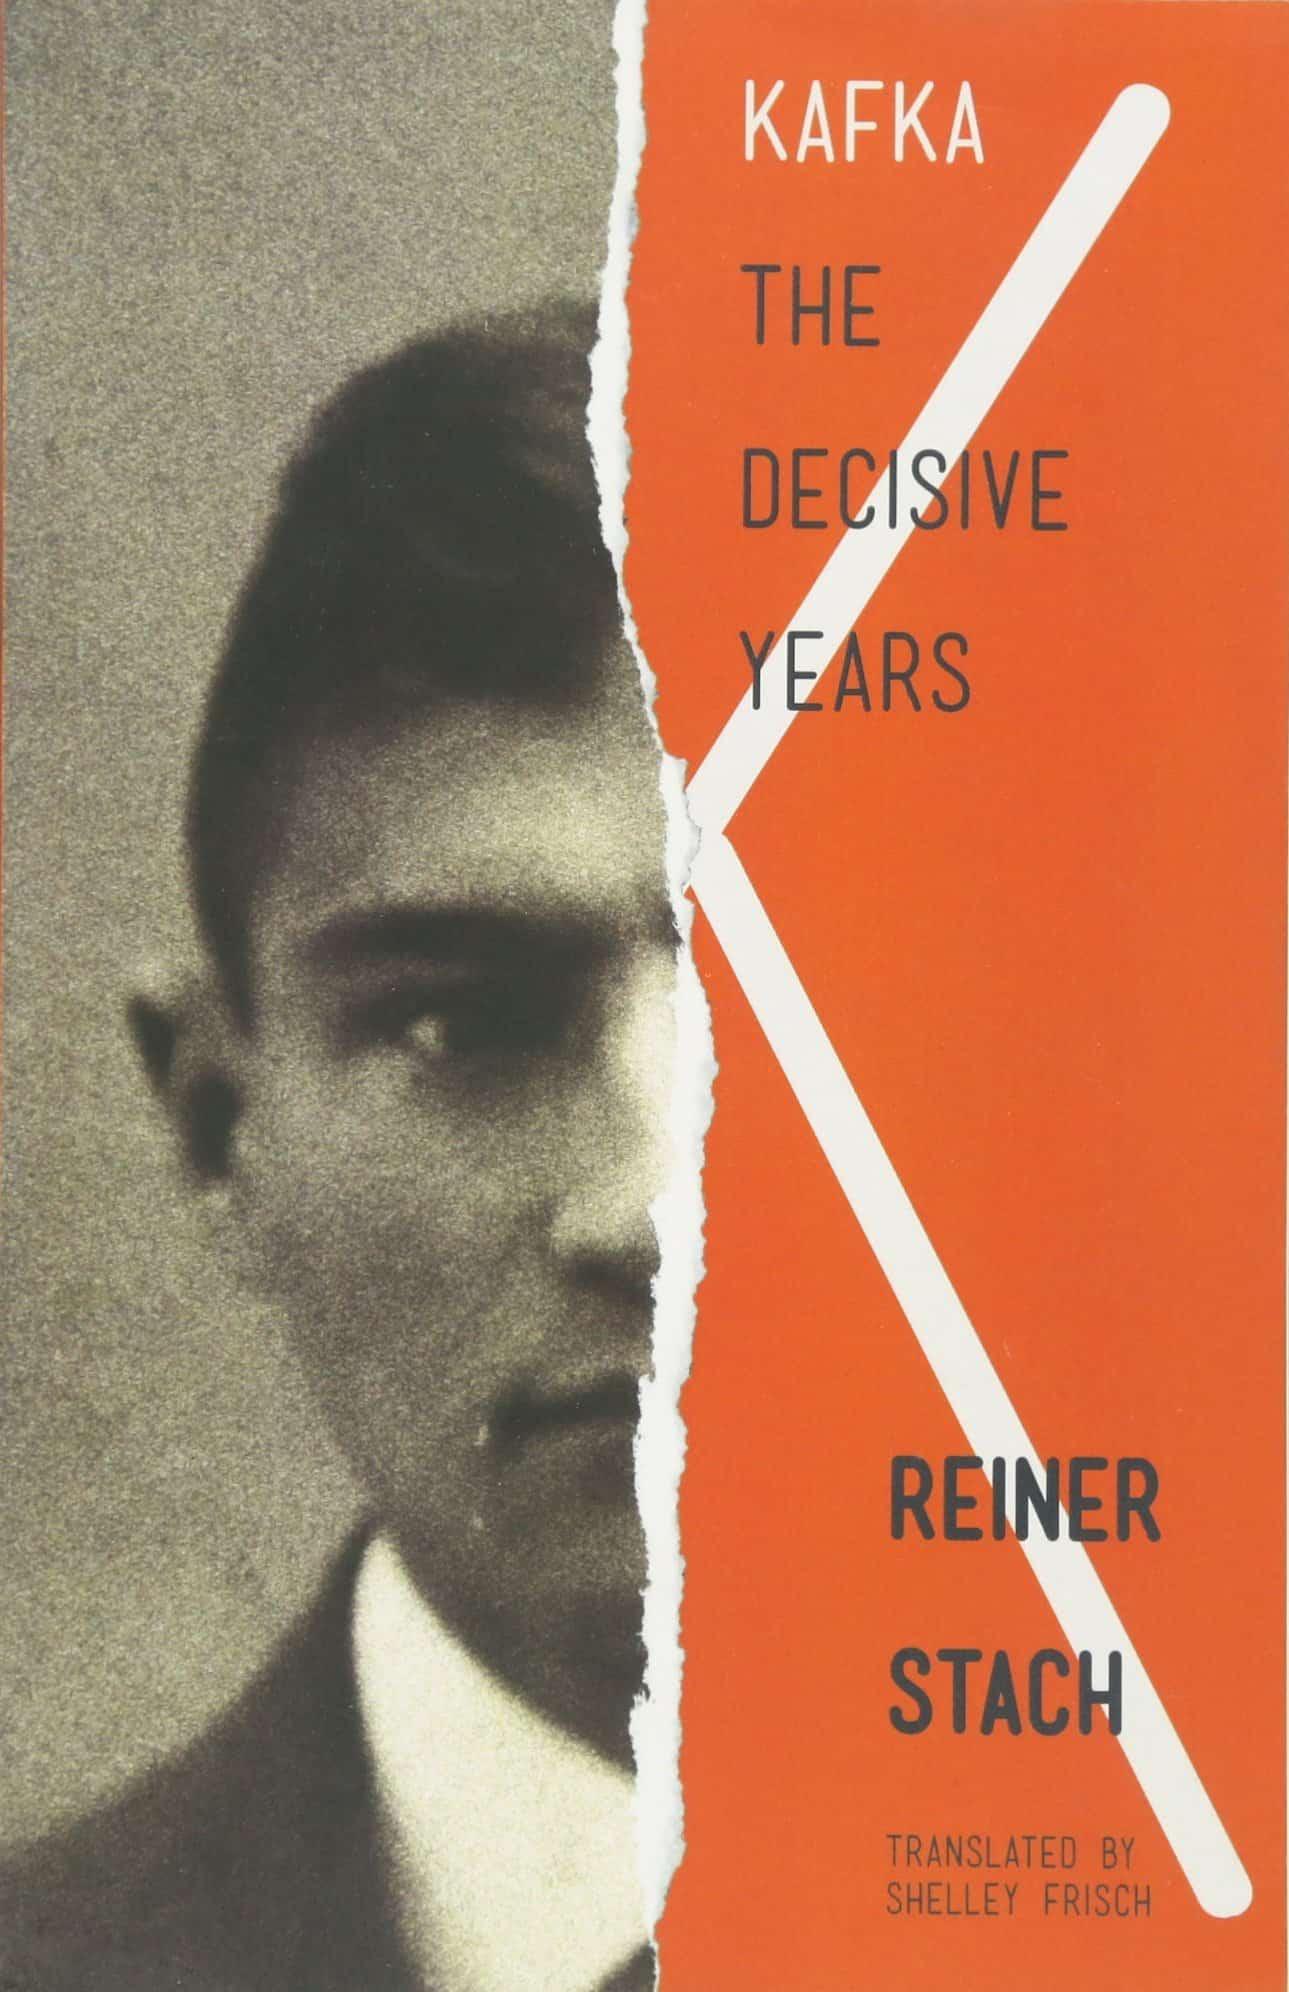 Kafka - The Decisive Years